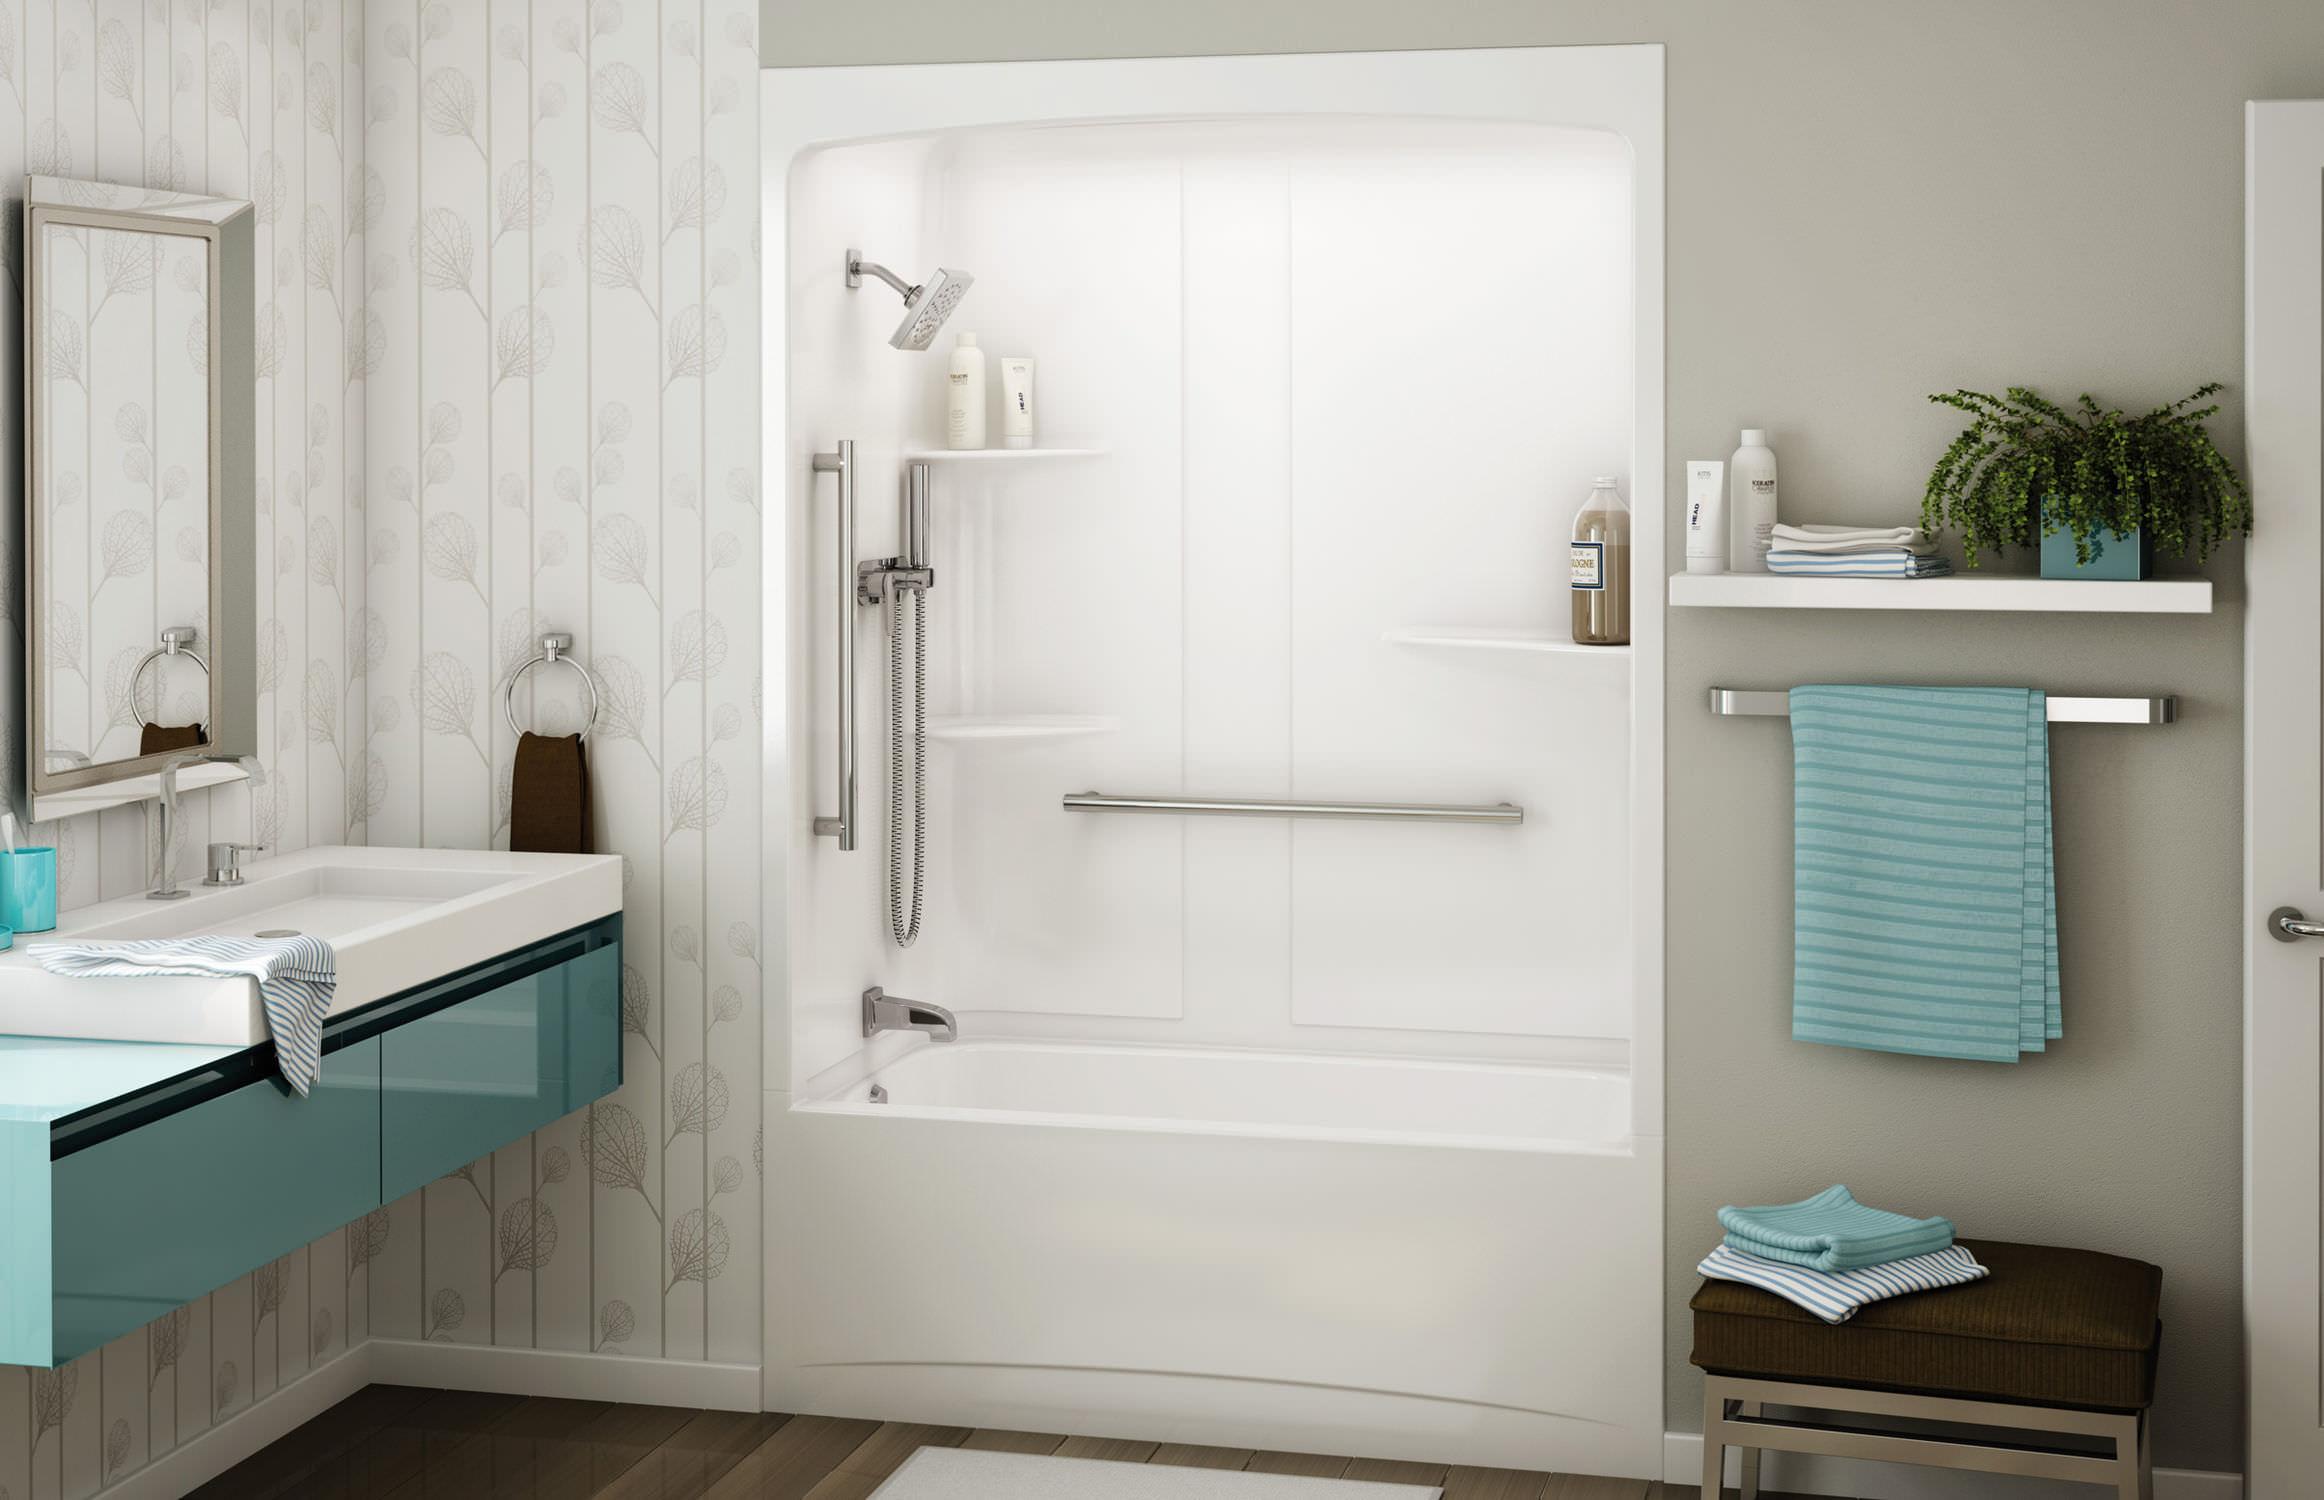 Acrylic Tub Shower Combo Figaro II Alcove Or Tub Showers Bathtub - Alcove tub shower combo